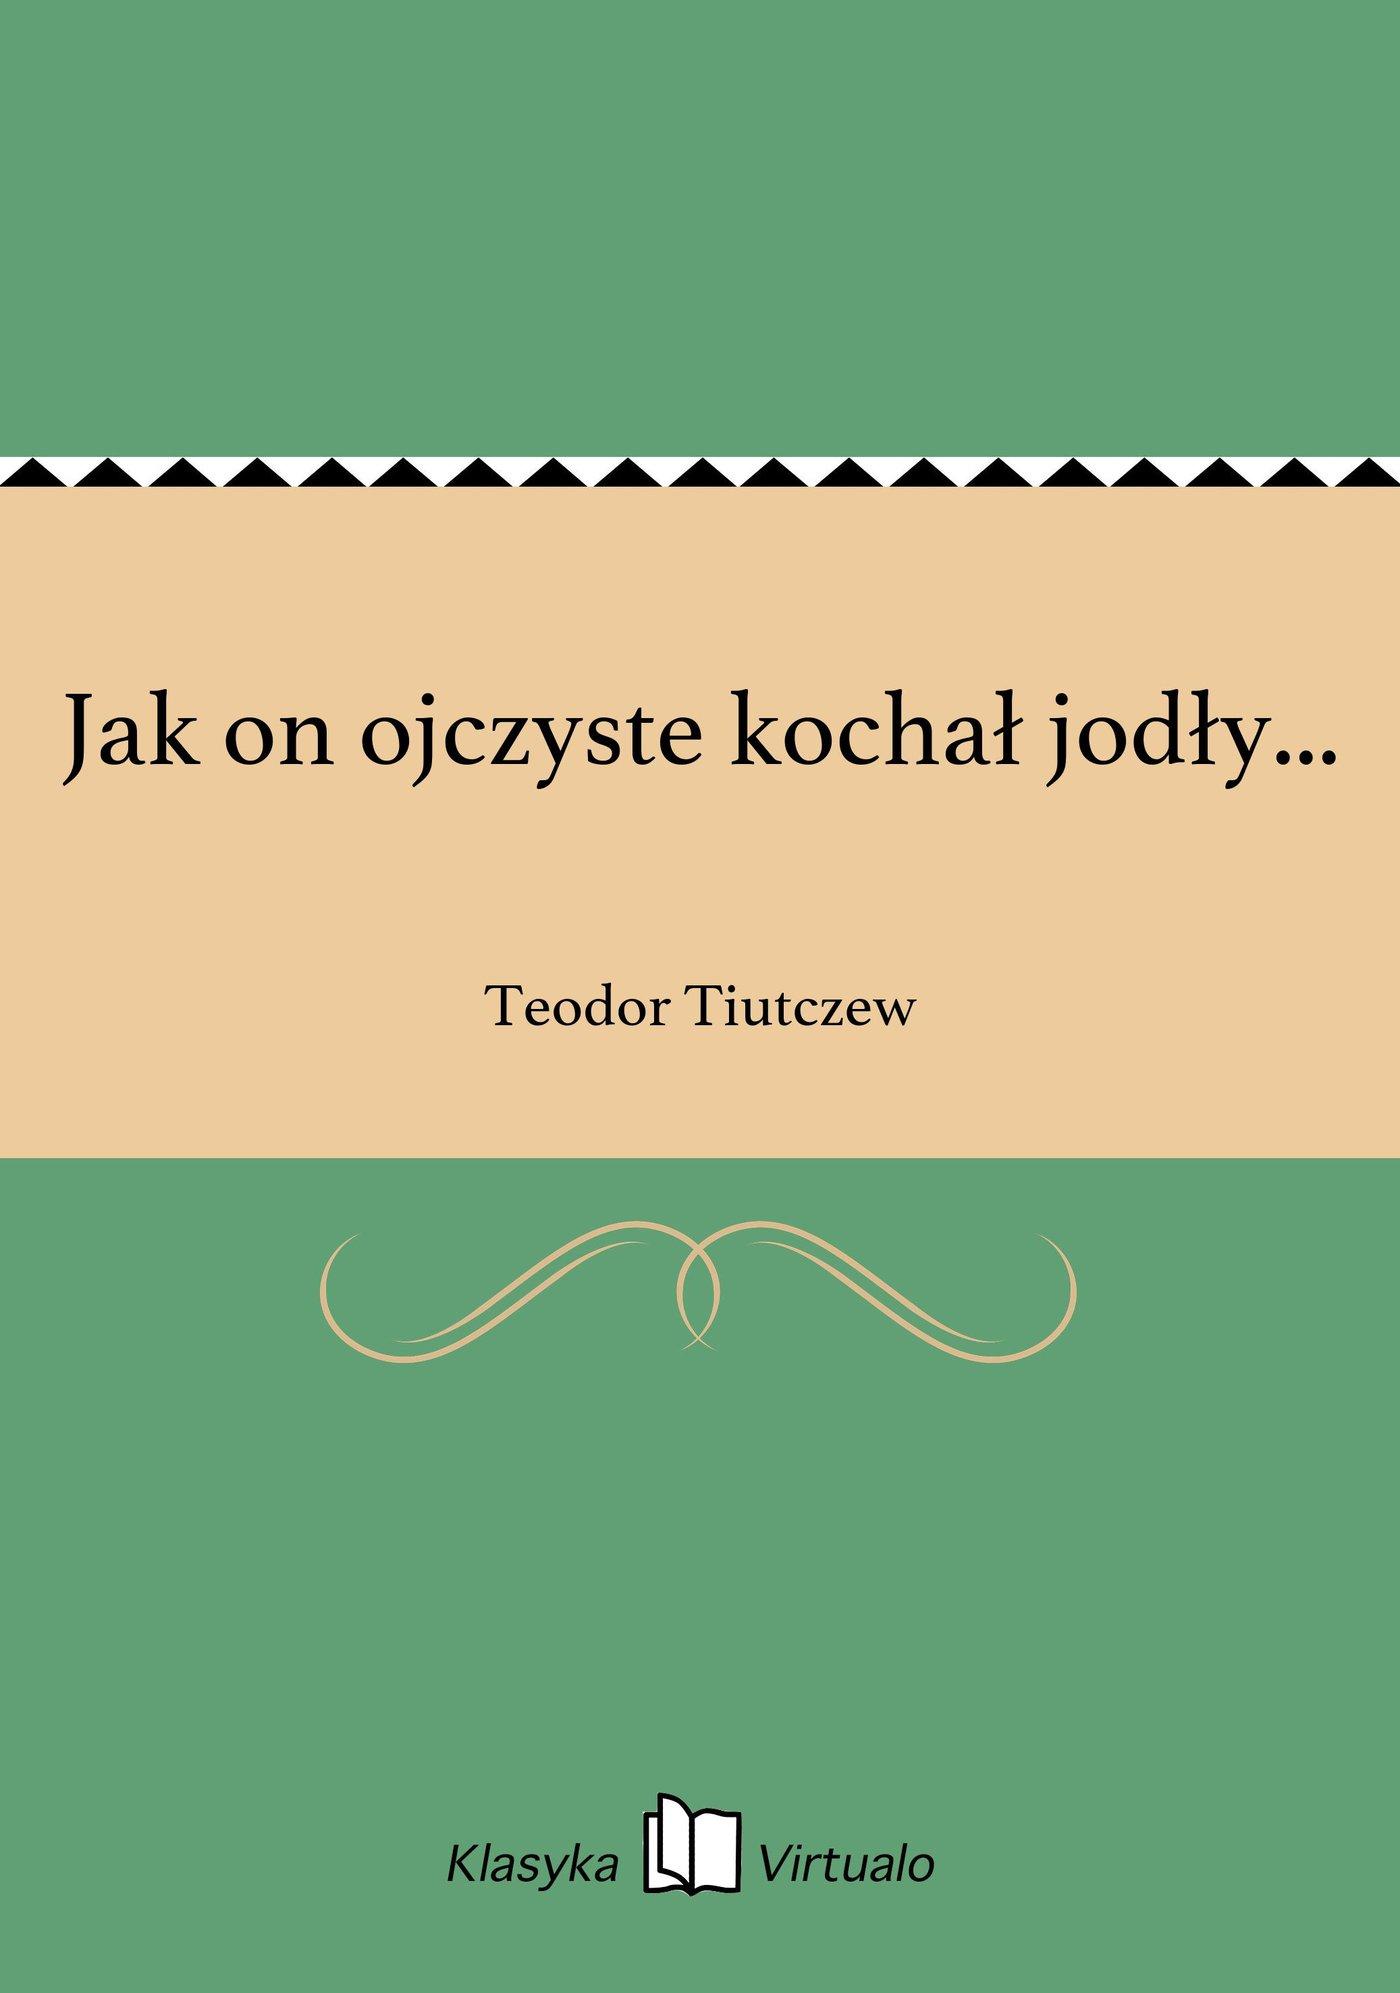 Jak on ojczyste kochał jodły... - Ebook (Książka EPUB) do pobrania w formacie EPUB